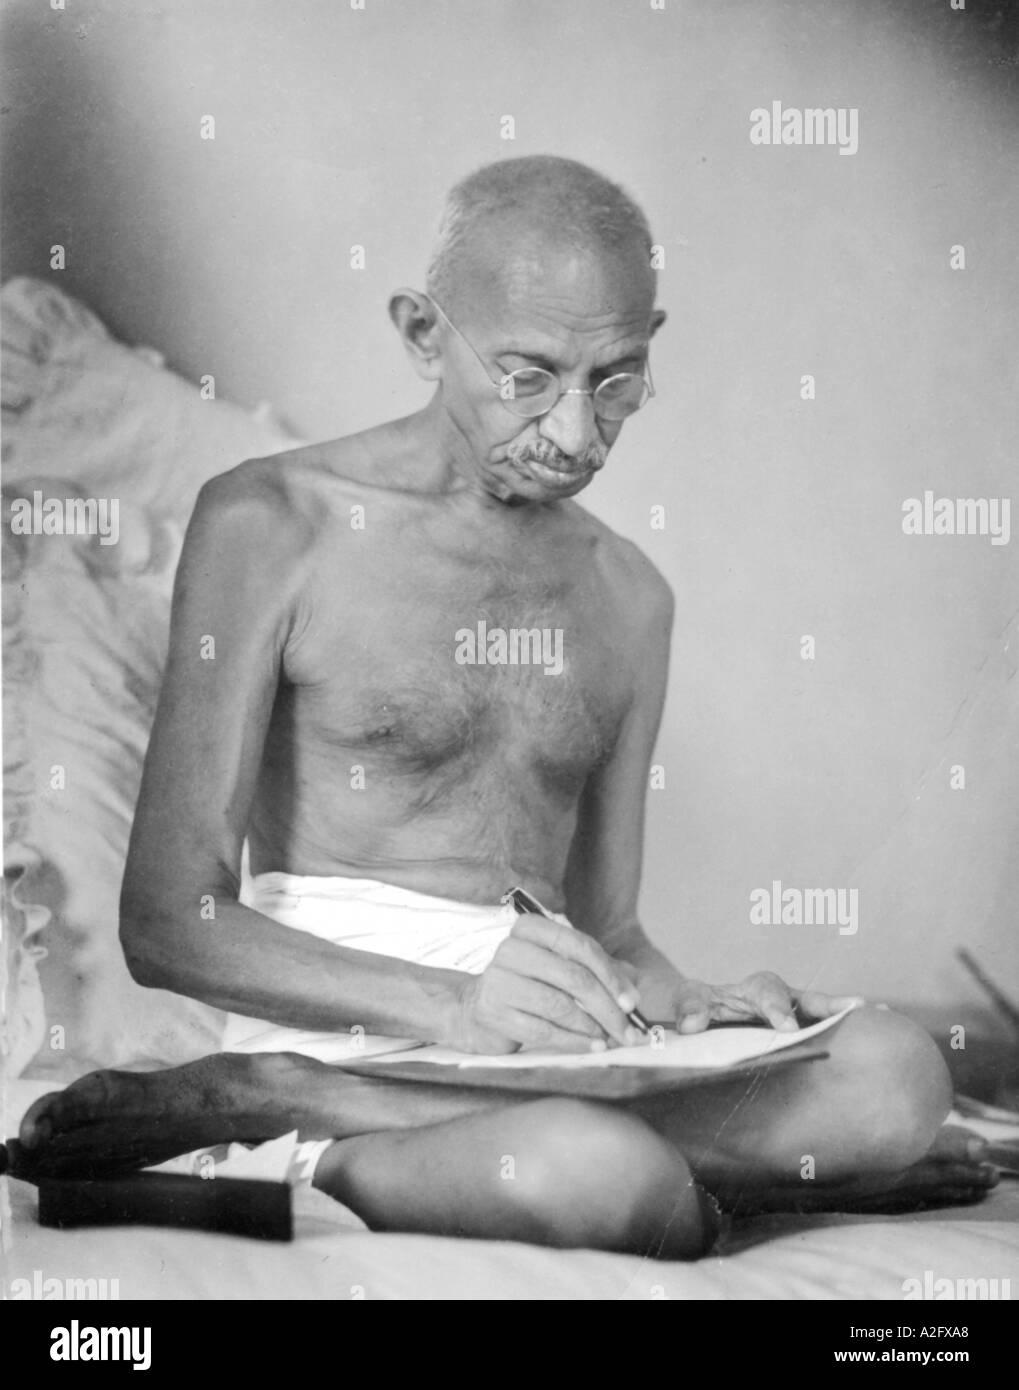 MKG33080 Mahatma Gandhi rédige l'écriture d'un document historique à Mumbai Bombay Inde Birla House Août 1942 Banque D'Images